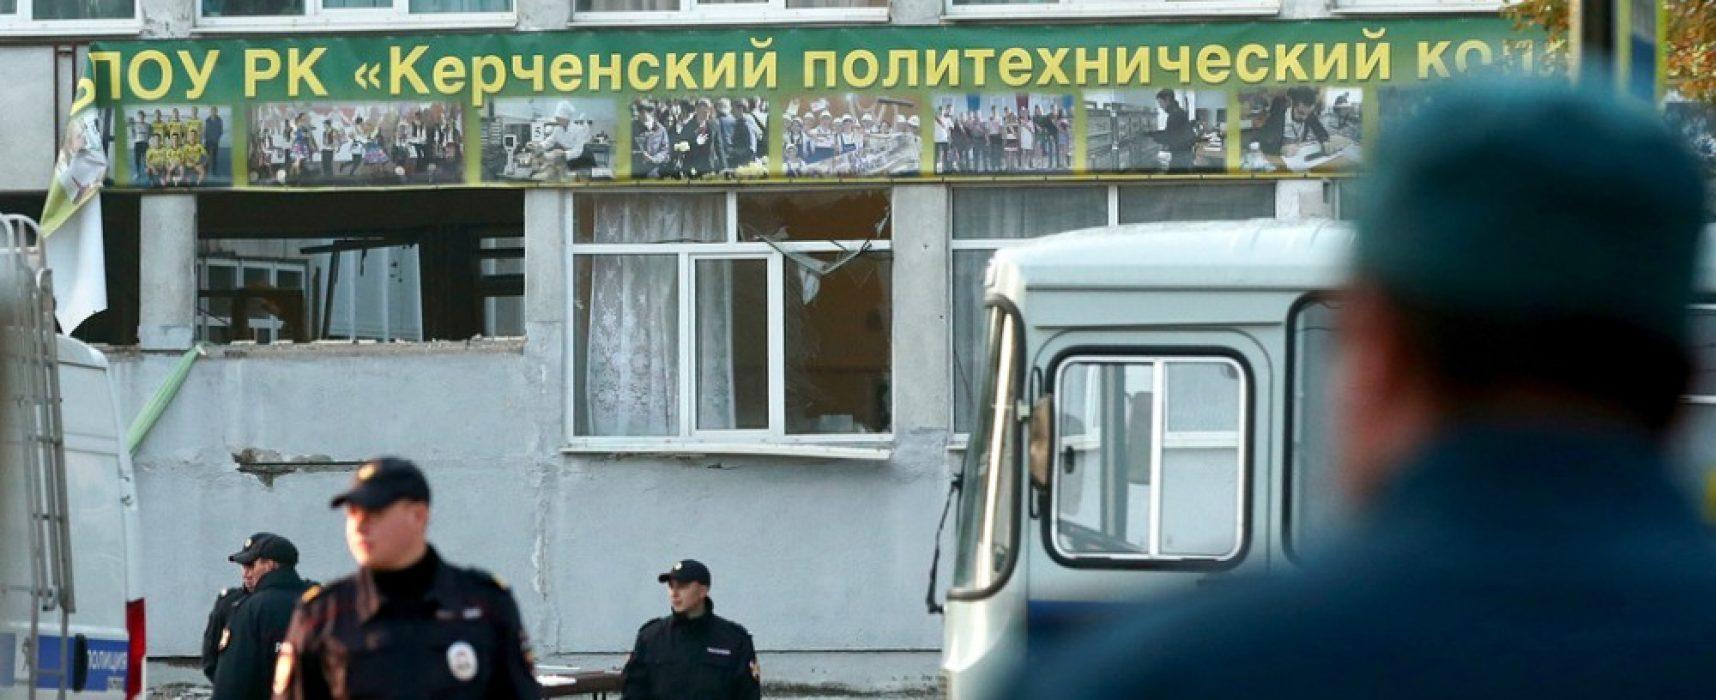 Ігор Яковенко: Дуже своєчасне вбивство